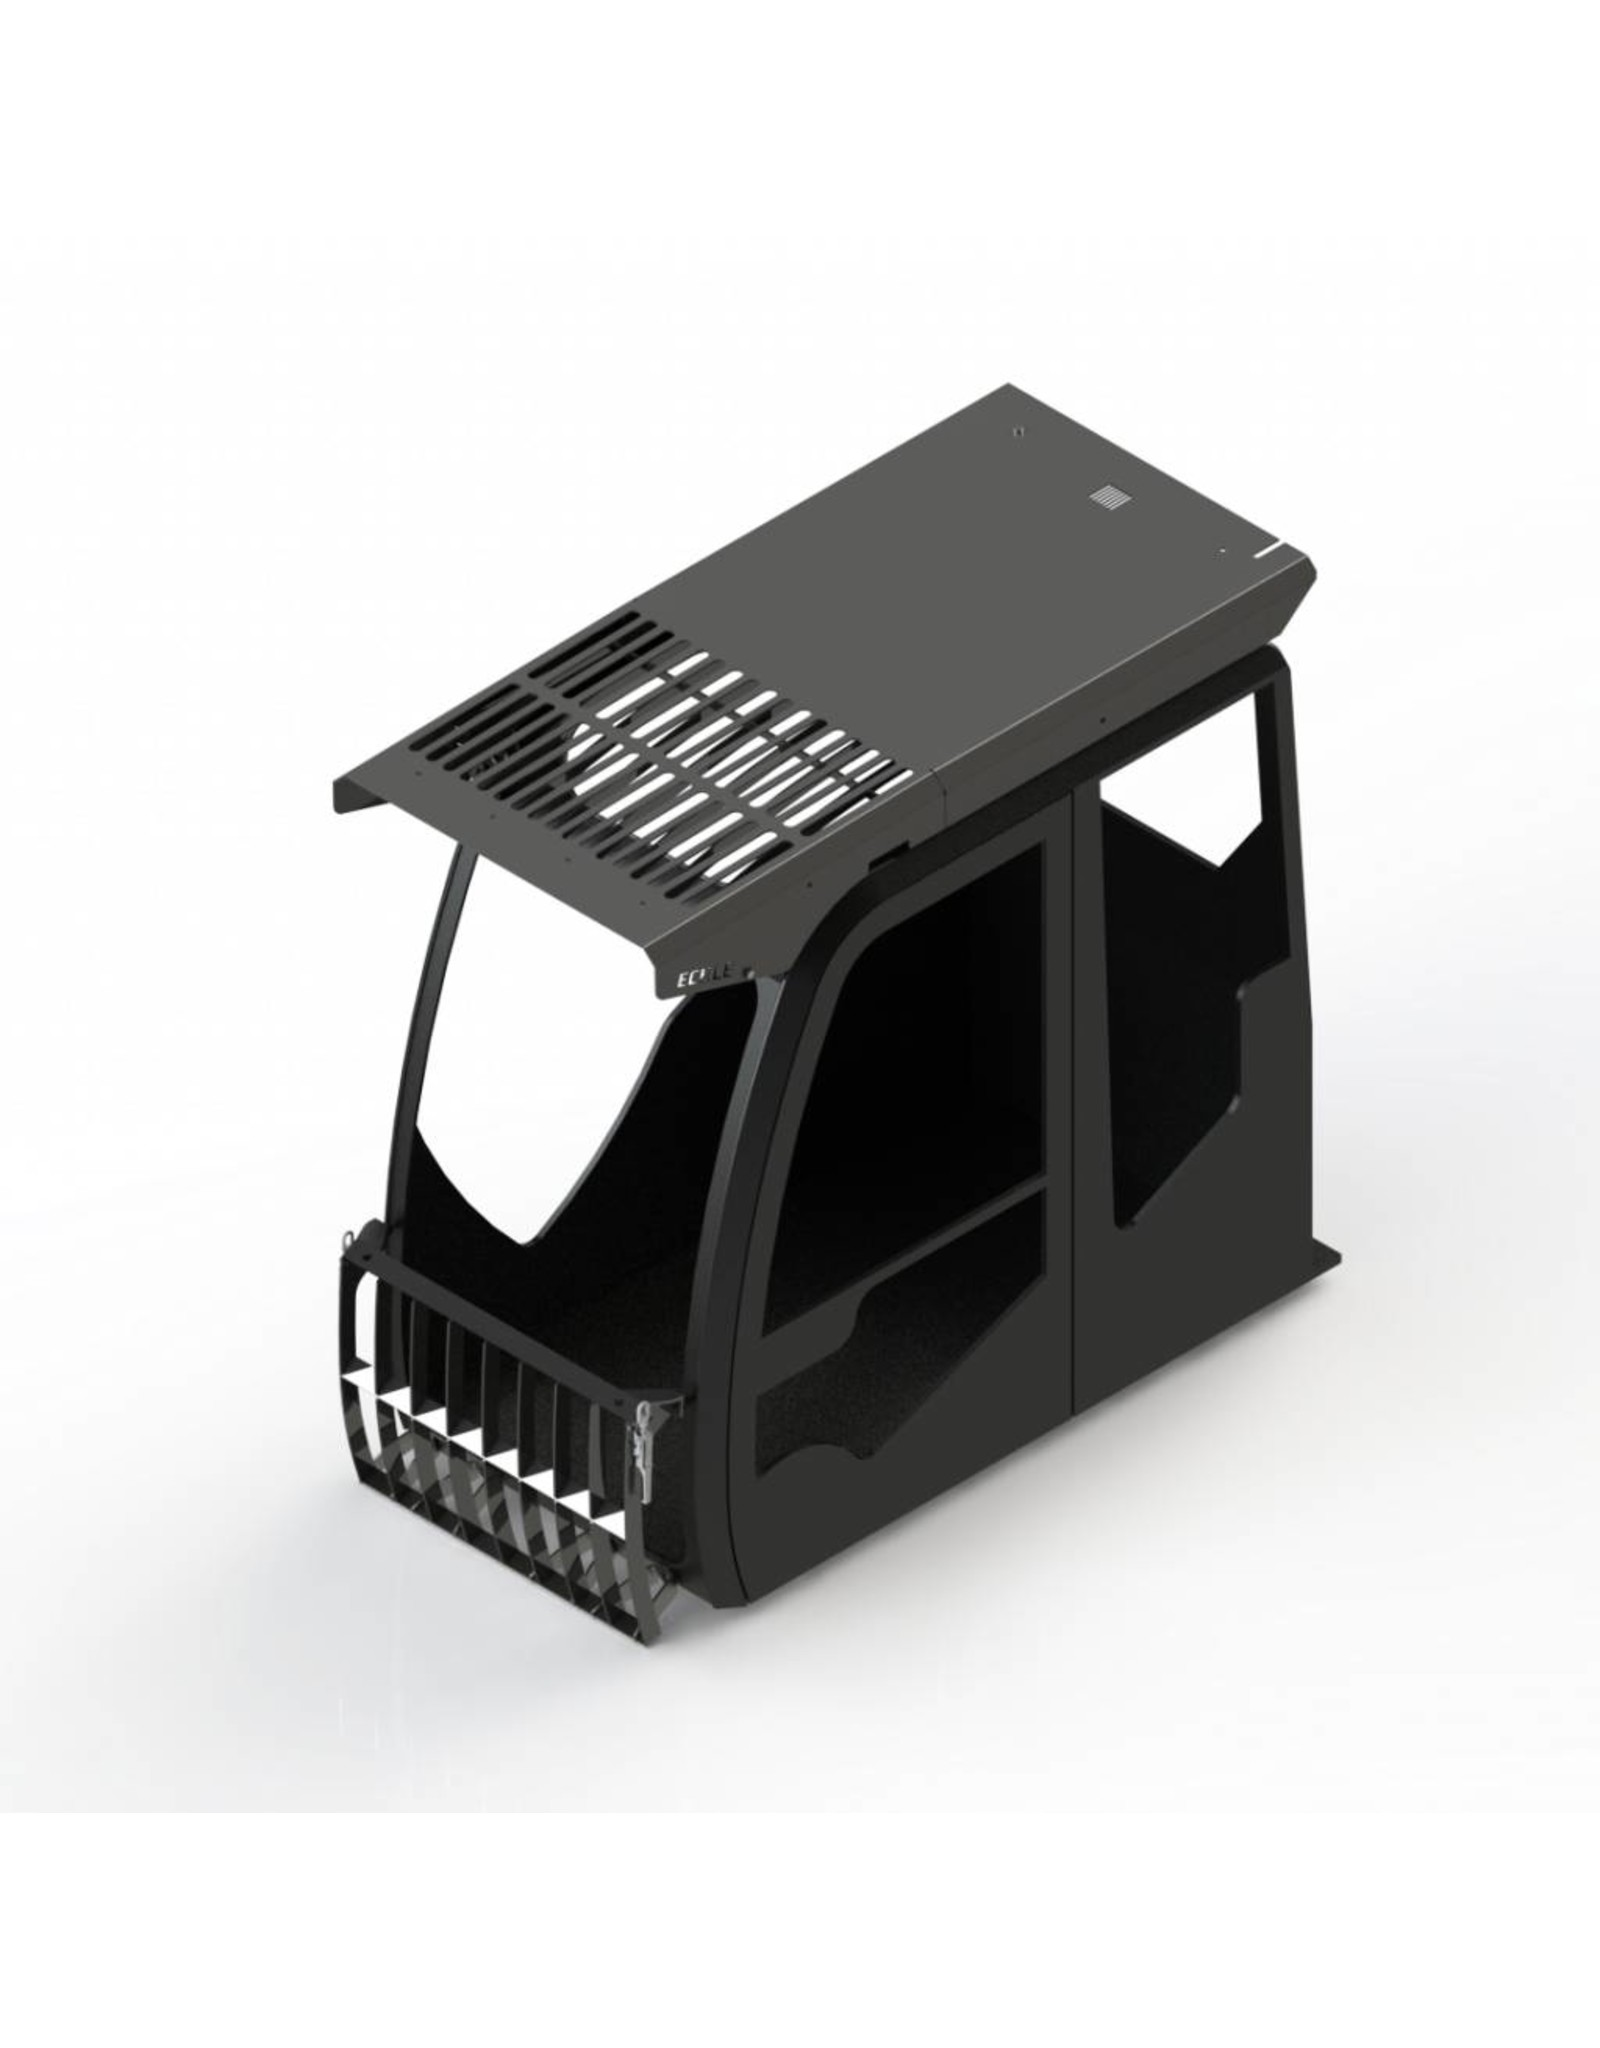 Echle Hartstahl GmbH FOPS for Komatsu PW180-10/11